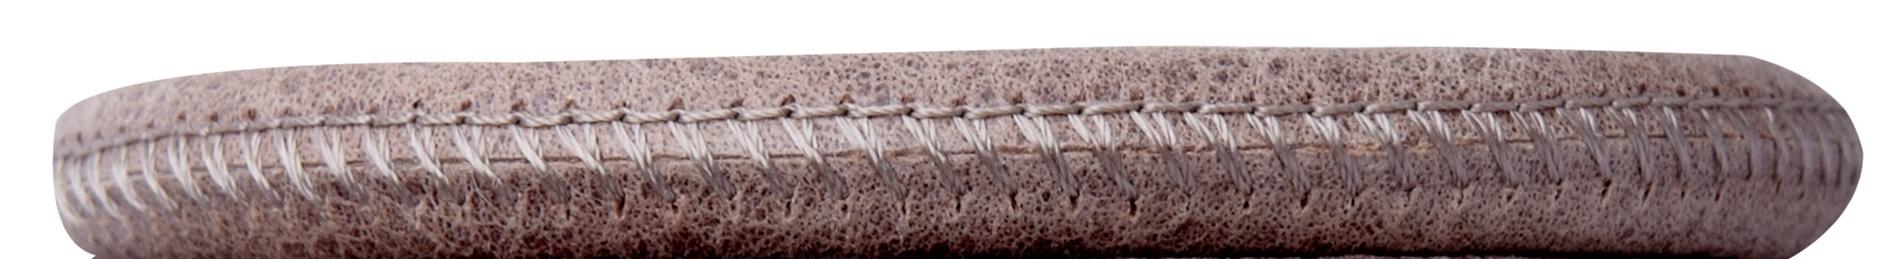 Christina armband 601-30-brown